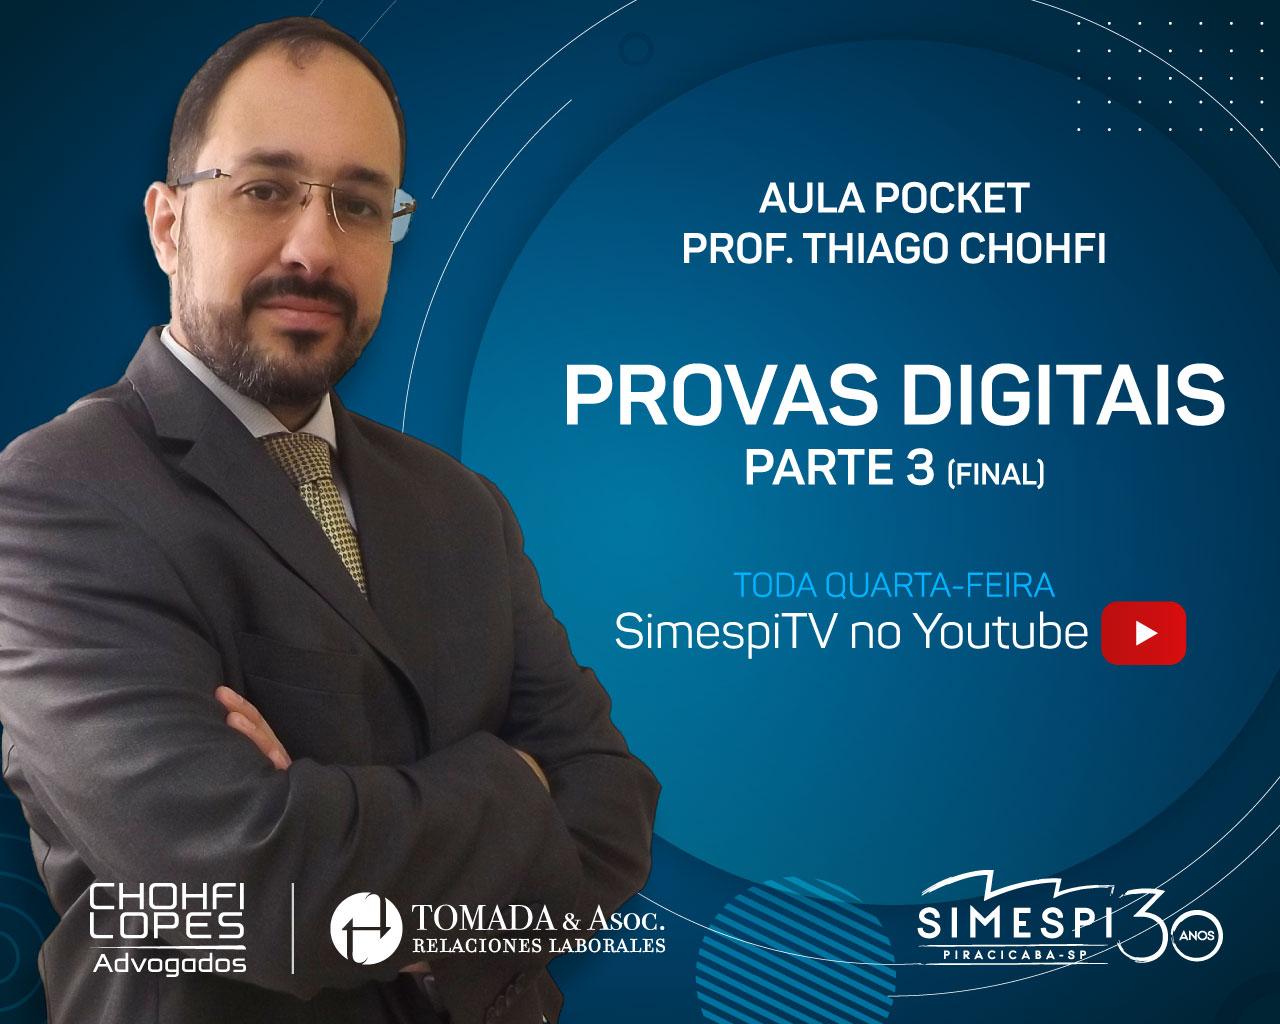 Simespi e Chohfi Lopes Advogados apresentam: Provas Digitais parte 3